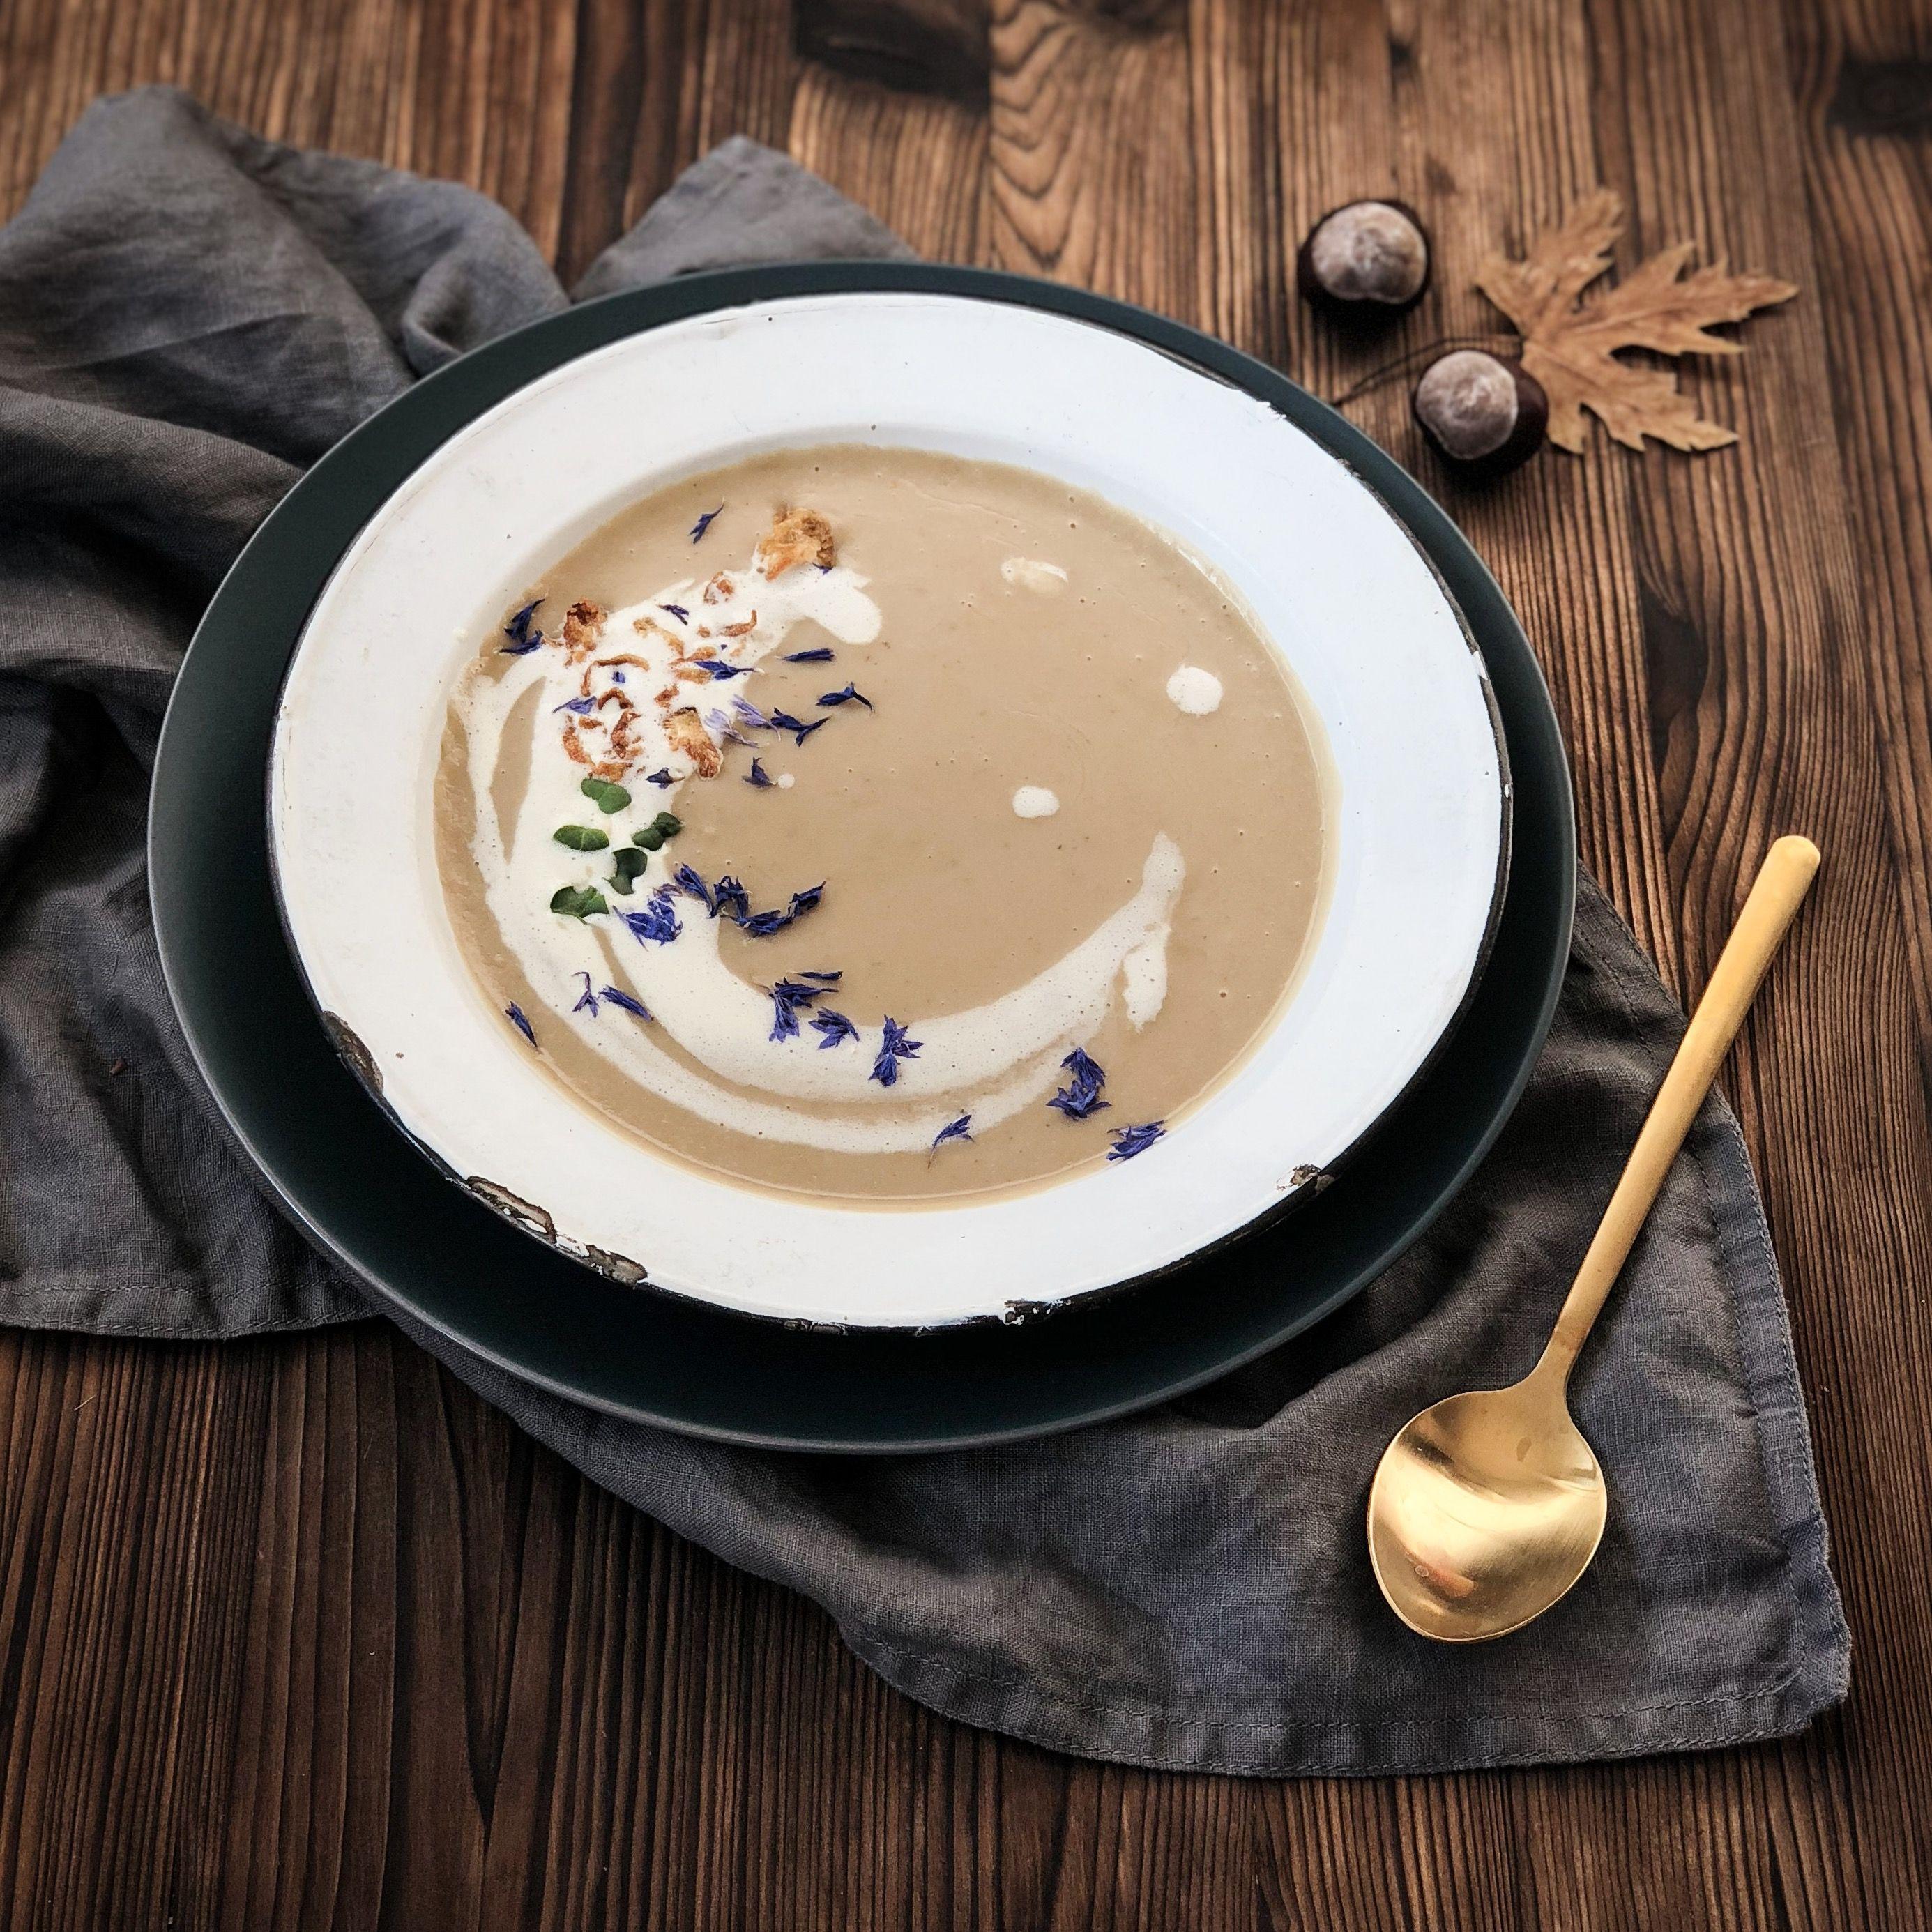 Schnelle Marronisuppe - die perfekte Vorspeise im Winter Düsentrieb's Kitchen #fallrecipesdinner